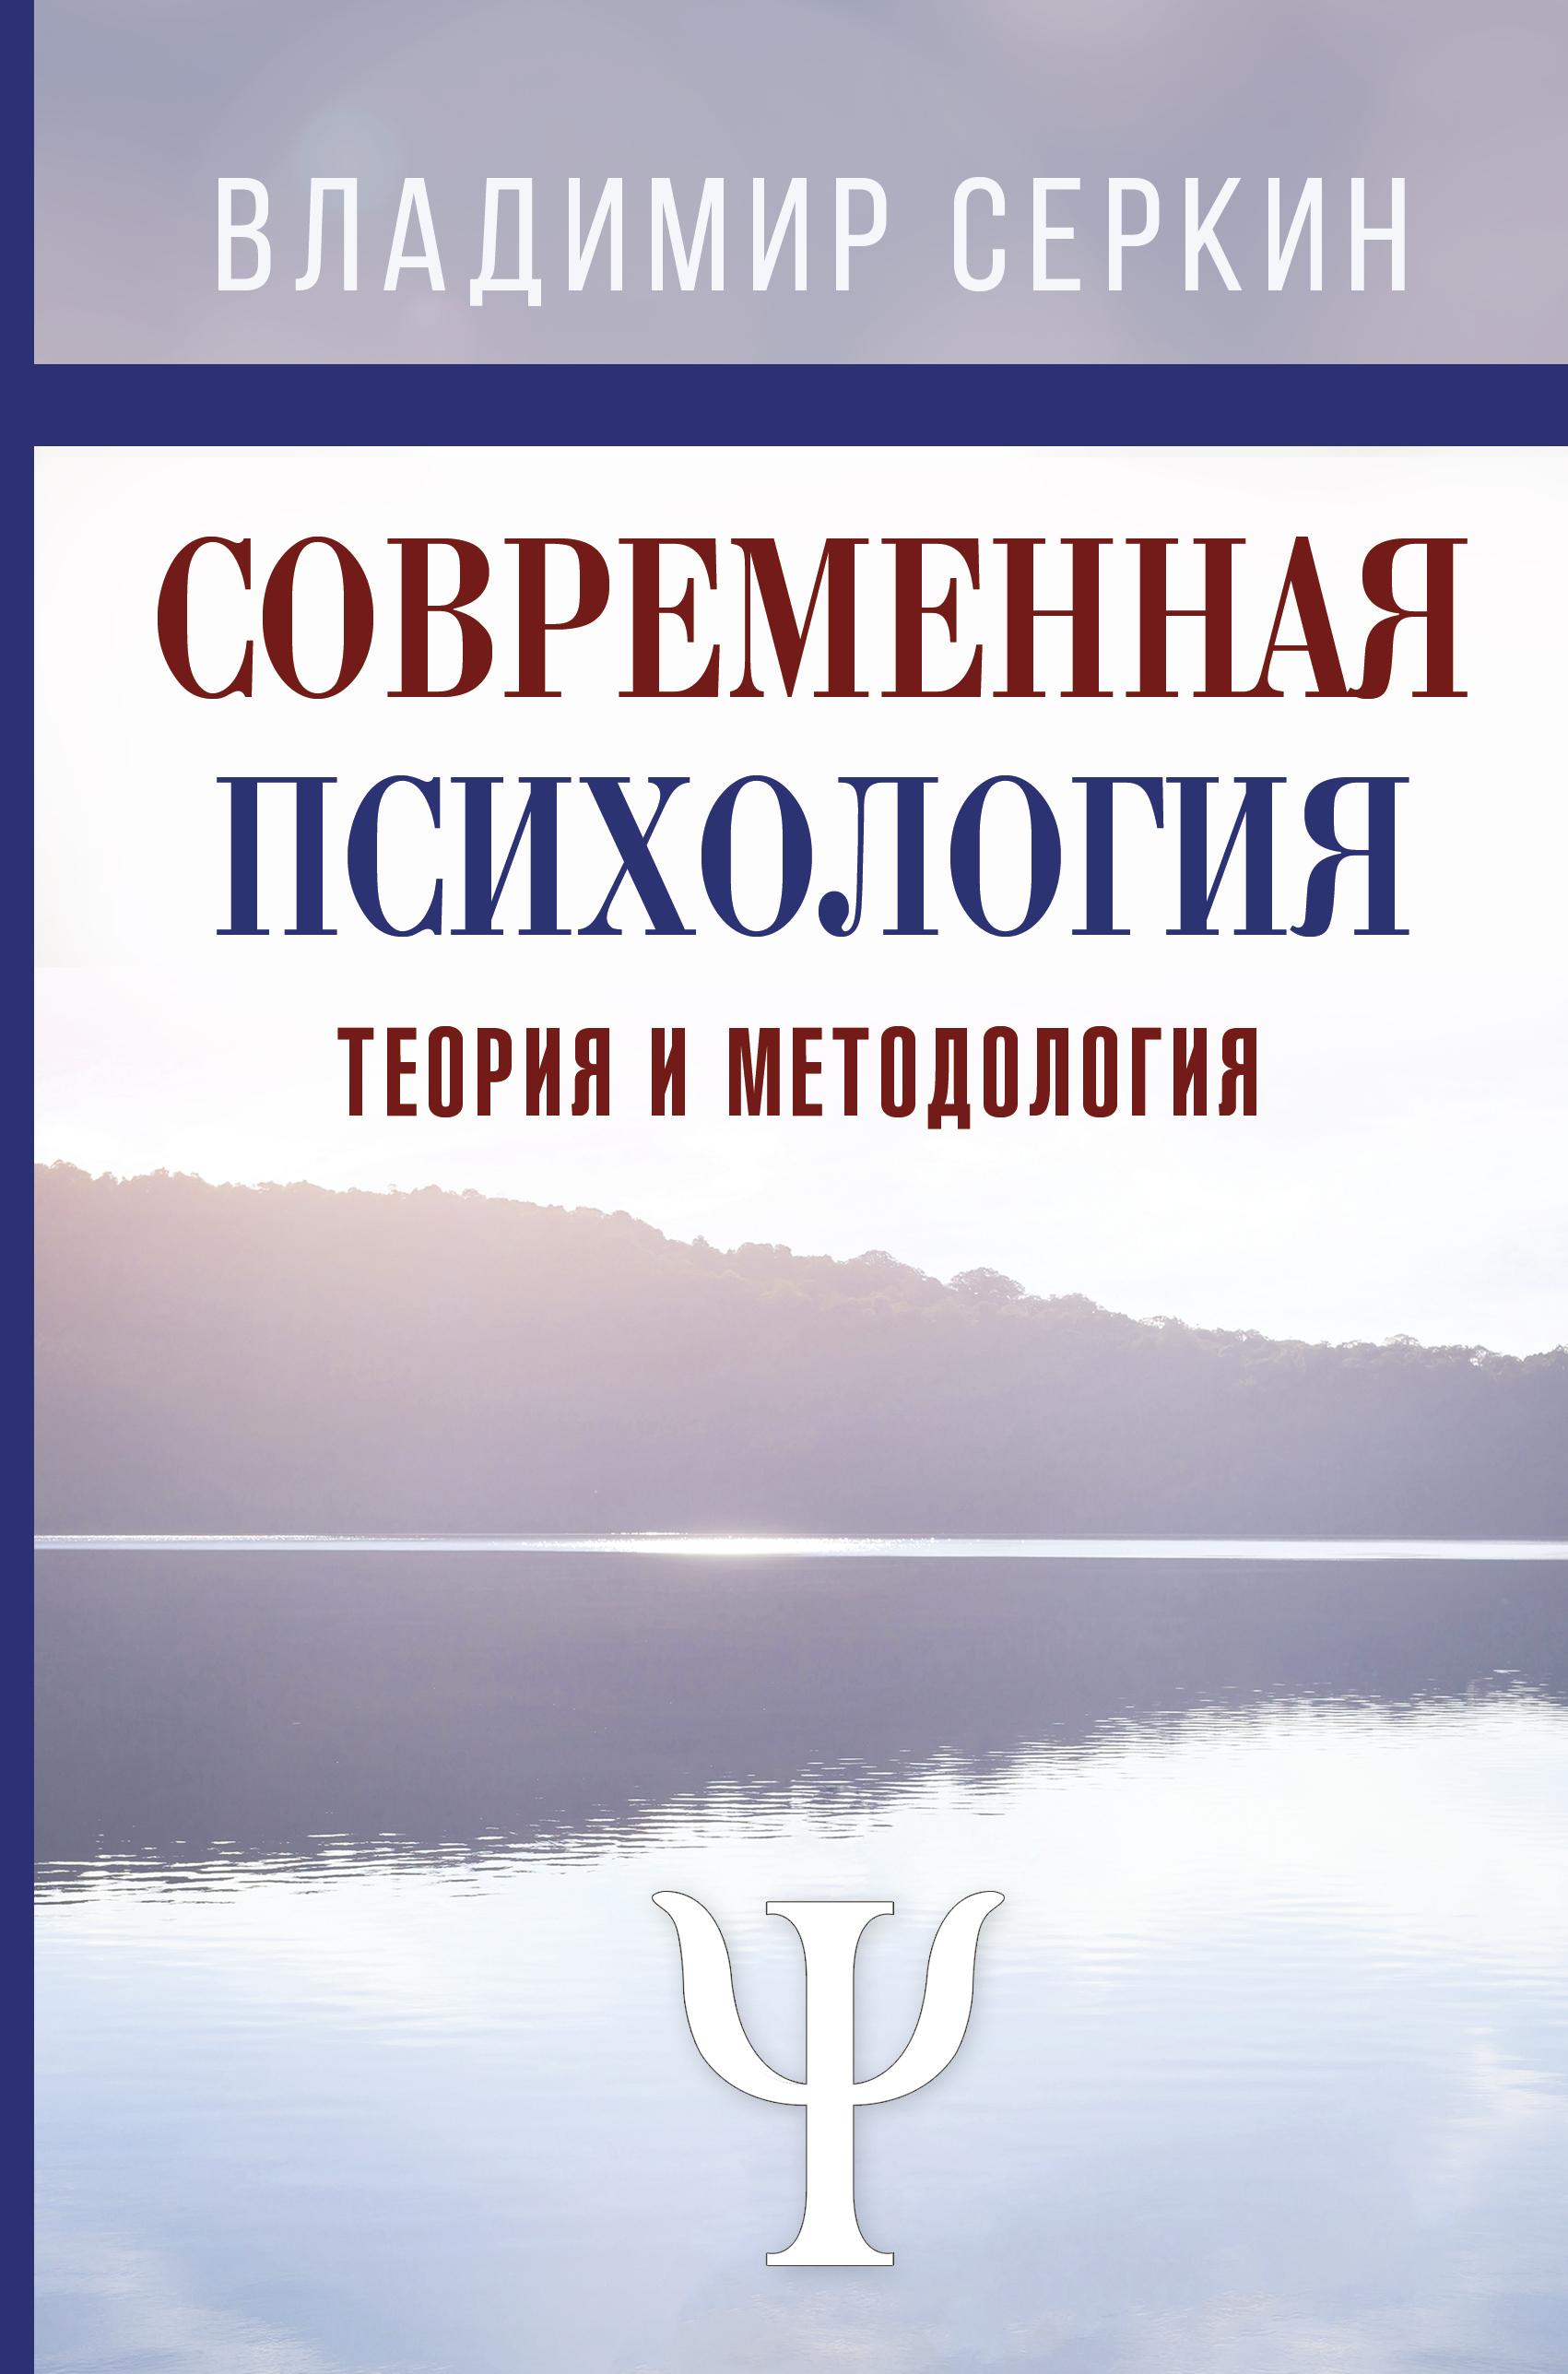 Владимир Серкин Современная психология. Теория и методология